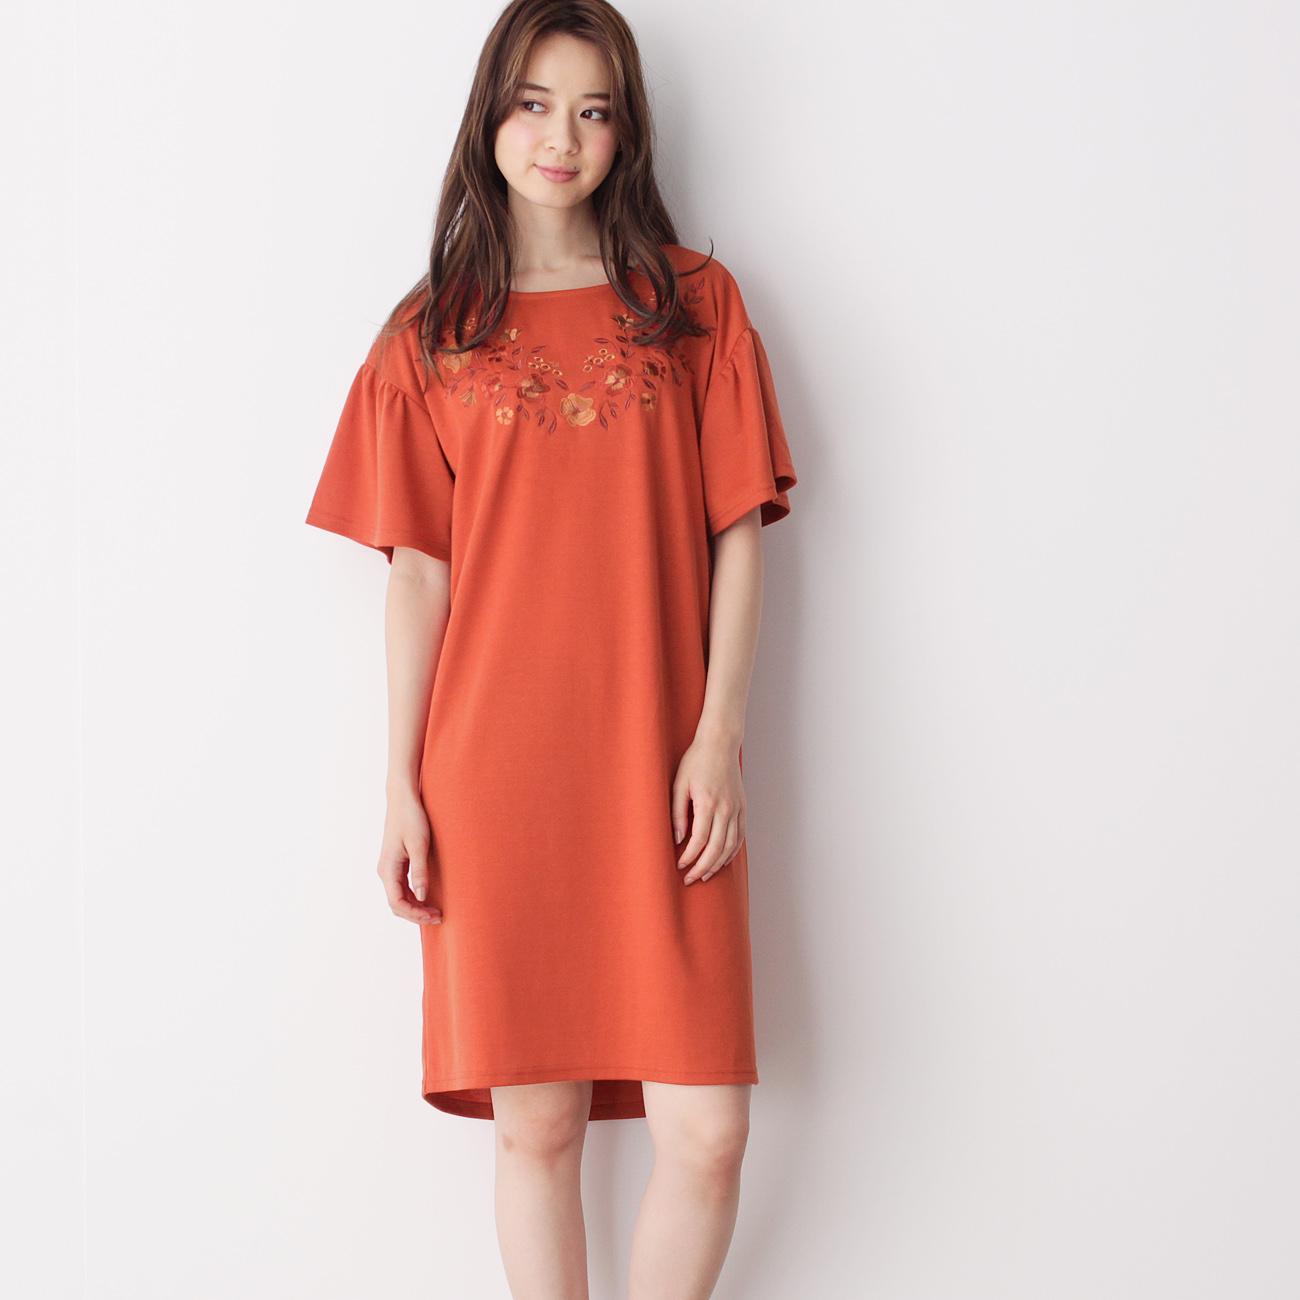 【grove (グローブ)】フラワー刺繍ワンピースレディース ワンピース|ワンピース ダークオレンジ